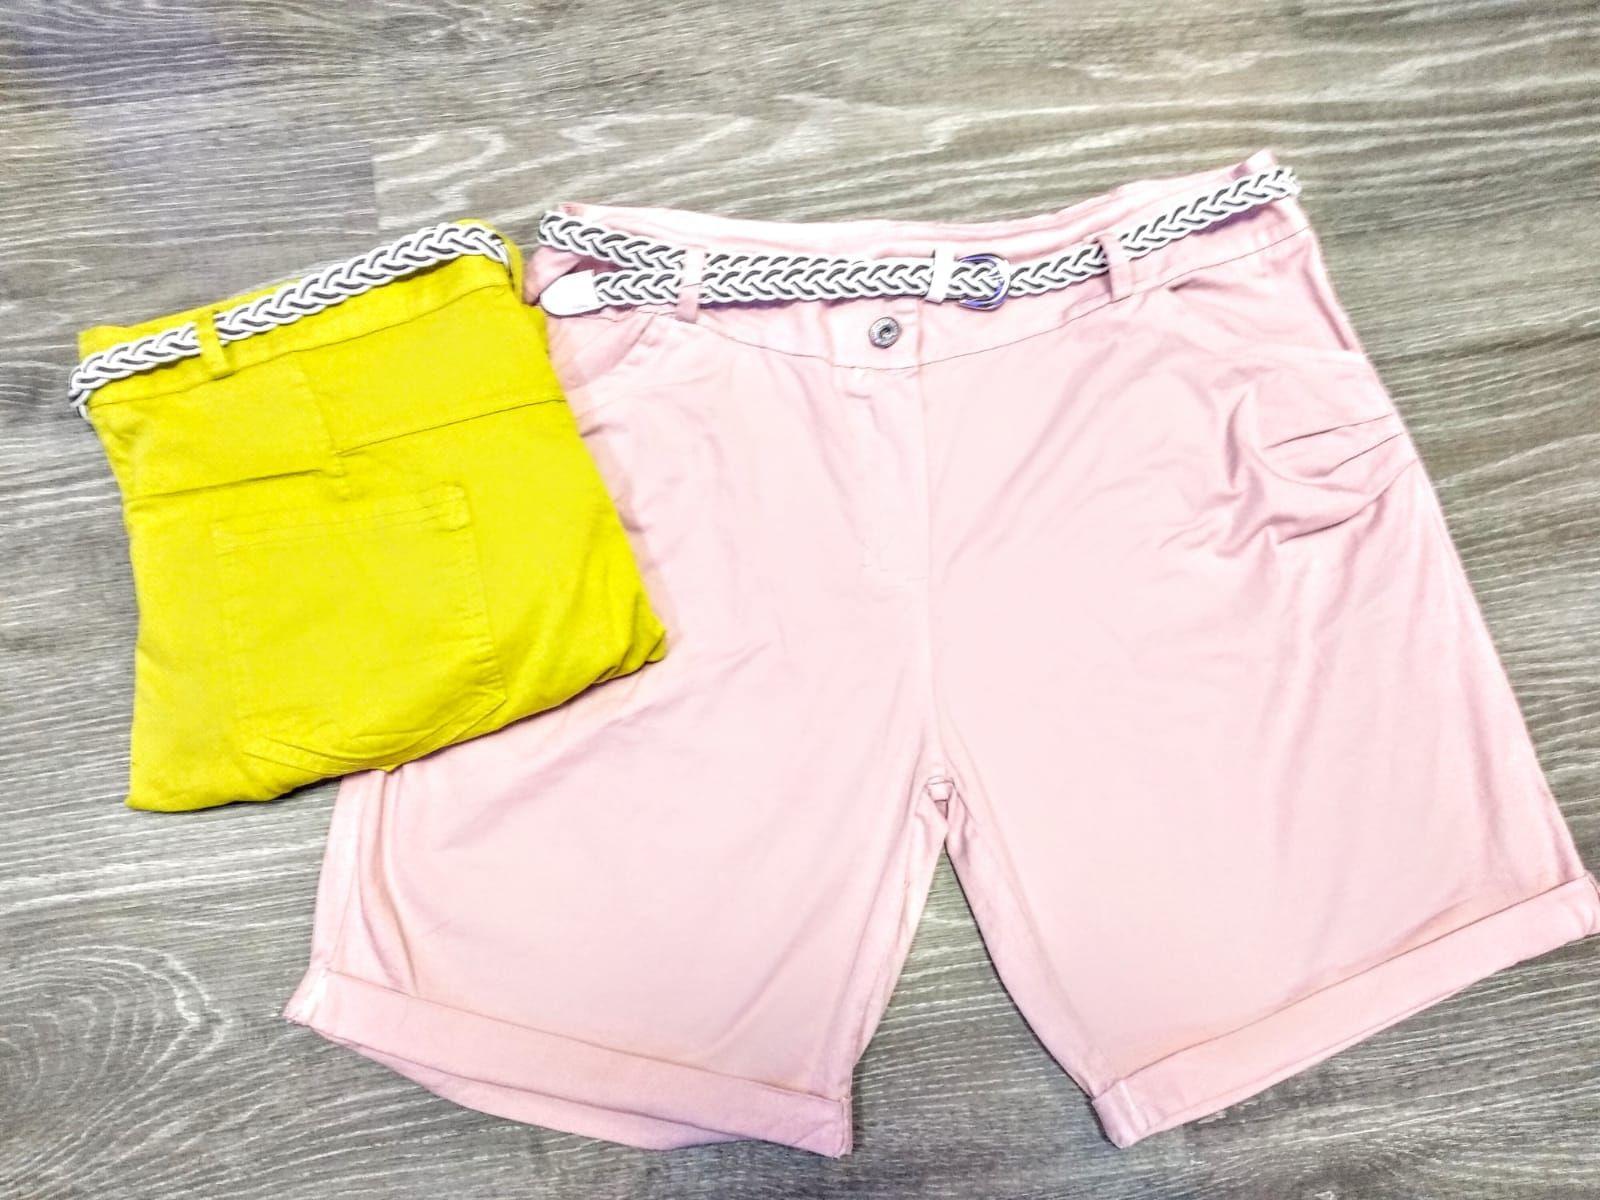 Pantalones cortos de mujer: Tienda de ropa de High Level Collection